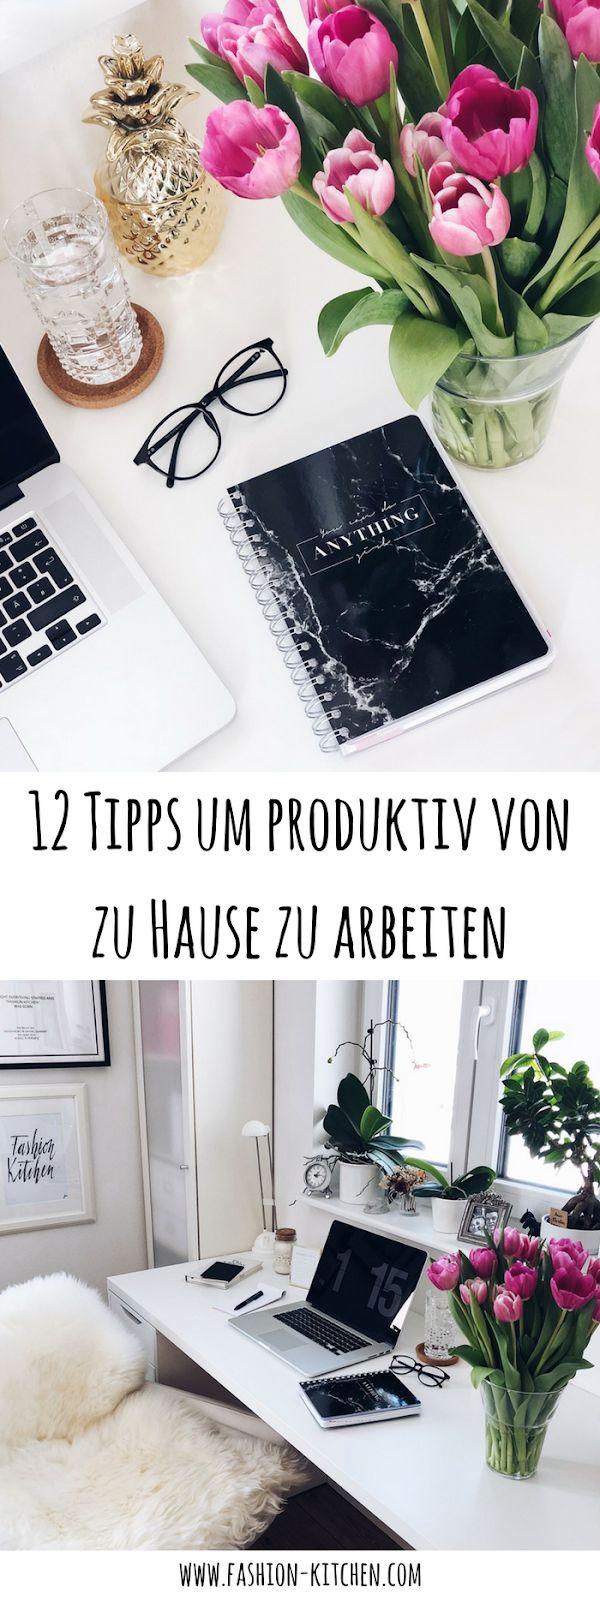 12 Tipps um produktiv von zu Hause zu arbeiten – Pinterest Deutschland, Österreich & Schweiz